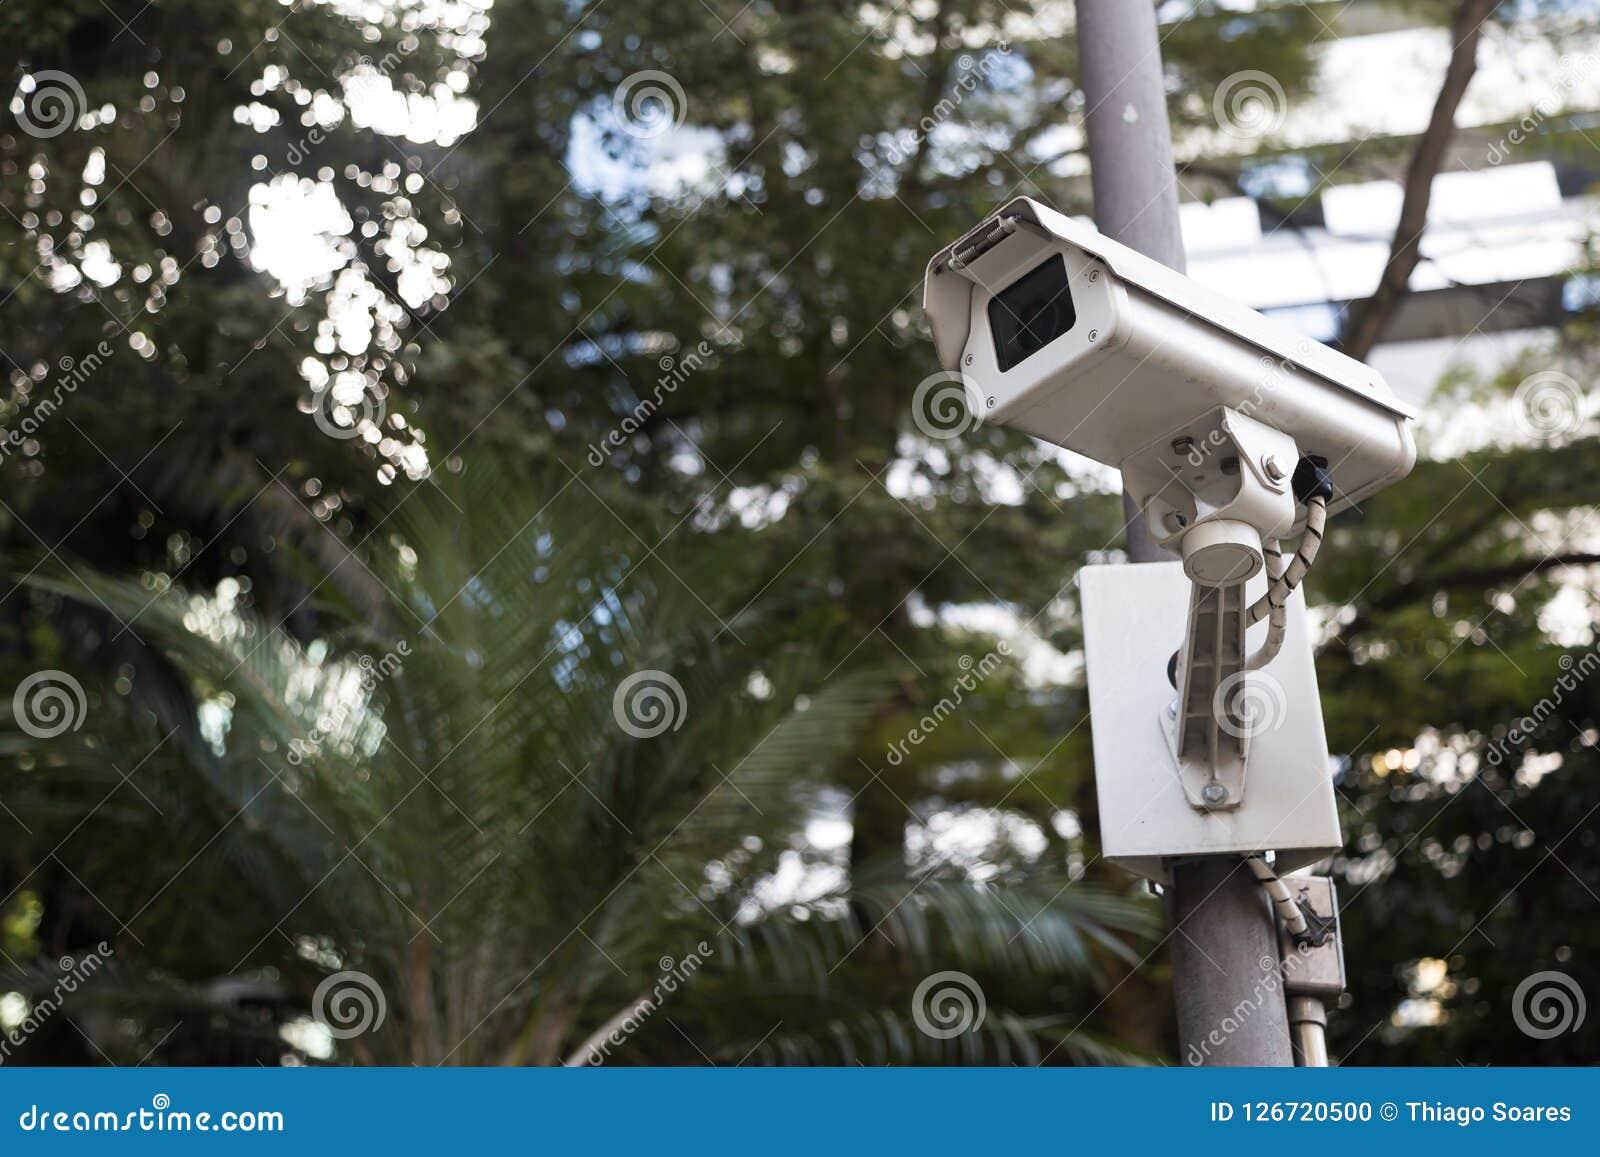 Säkerhetskamera i ett offentligt ställe